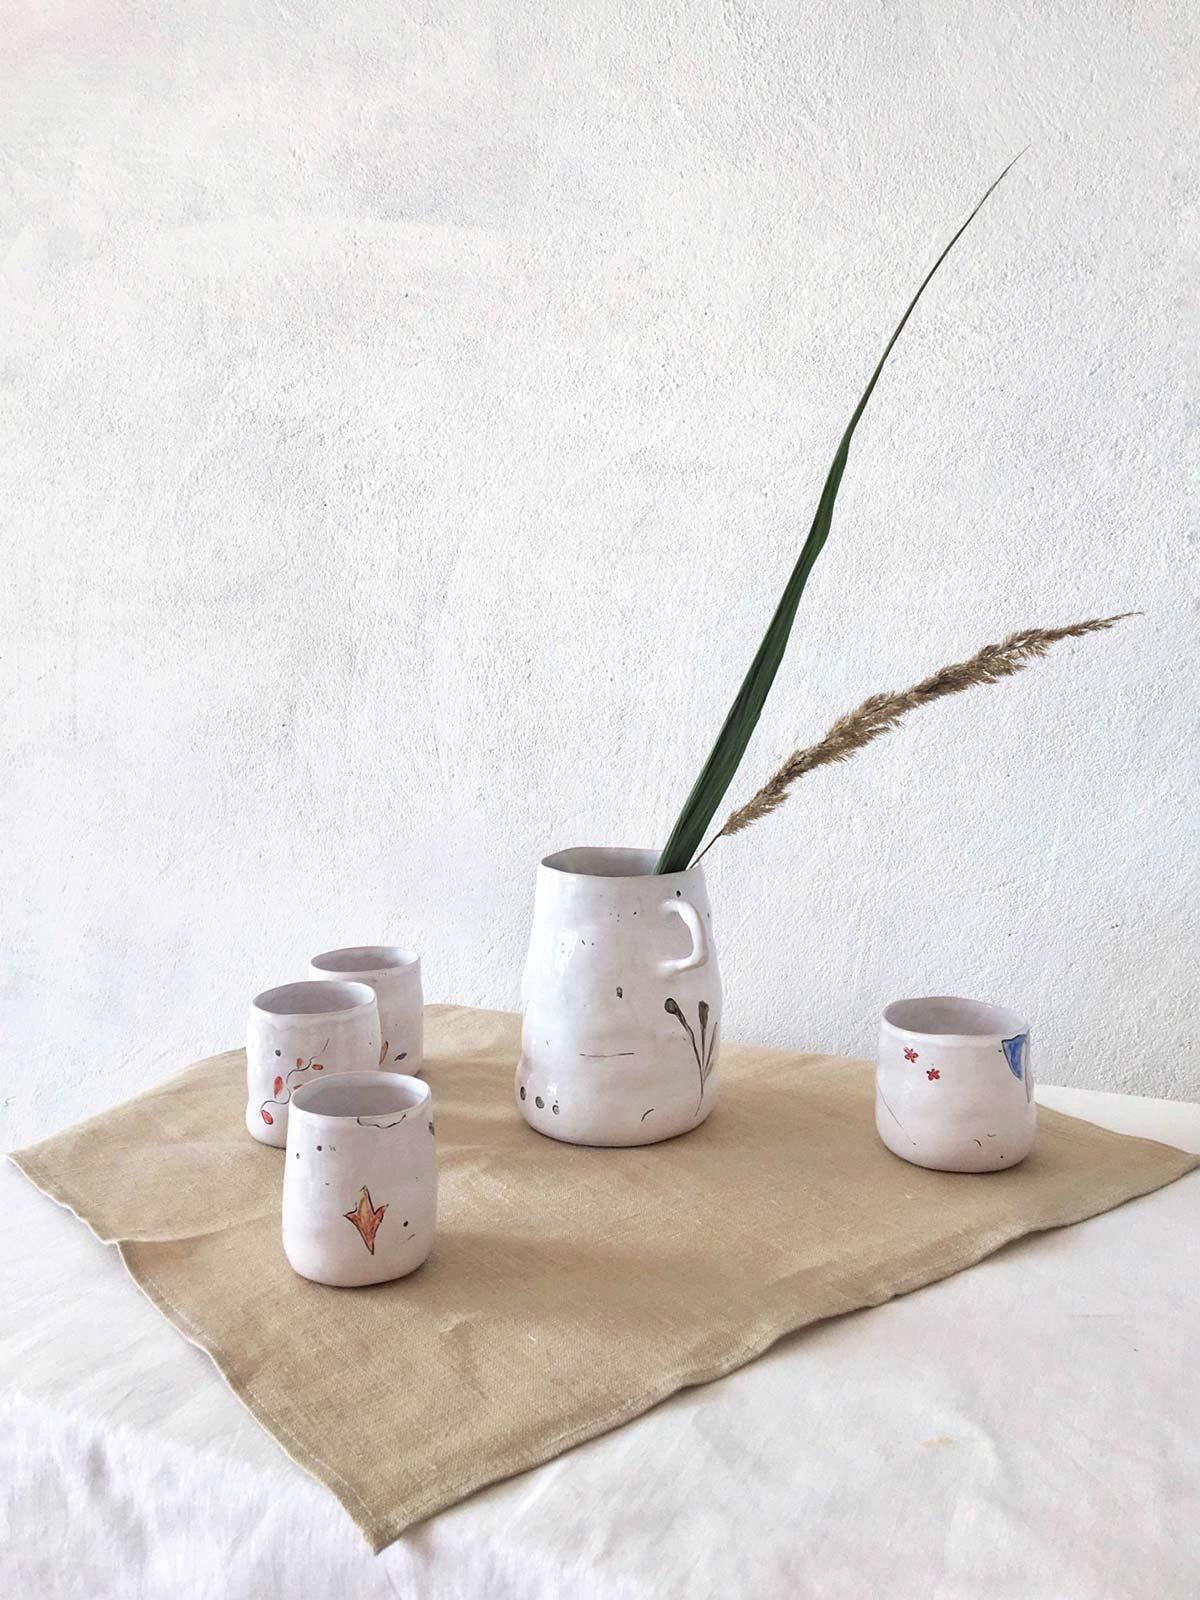 Керамические стаканы и кувшин, набор «Дикие цветы» - ручная работа